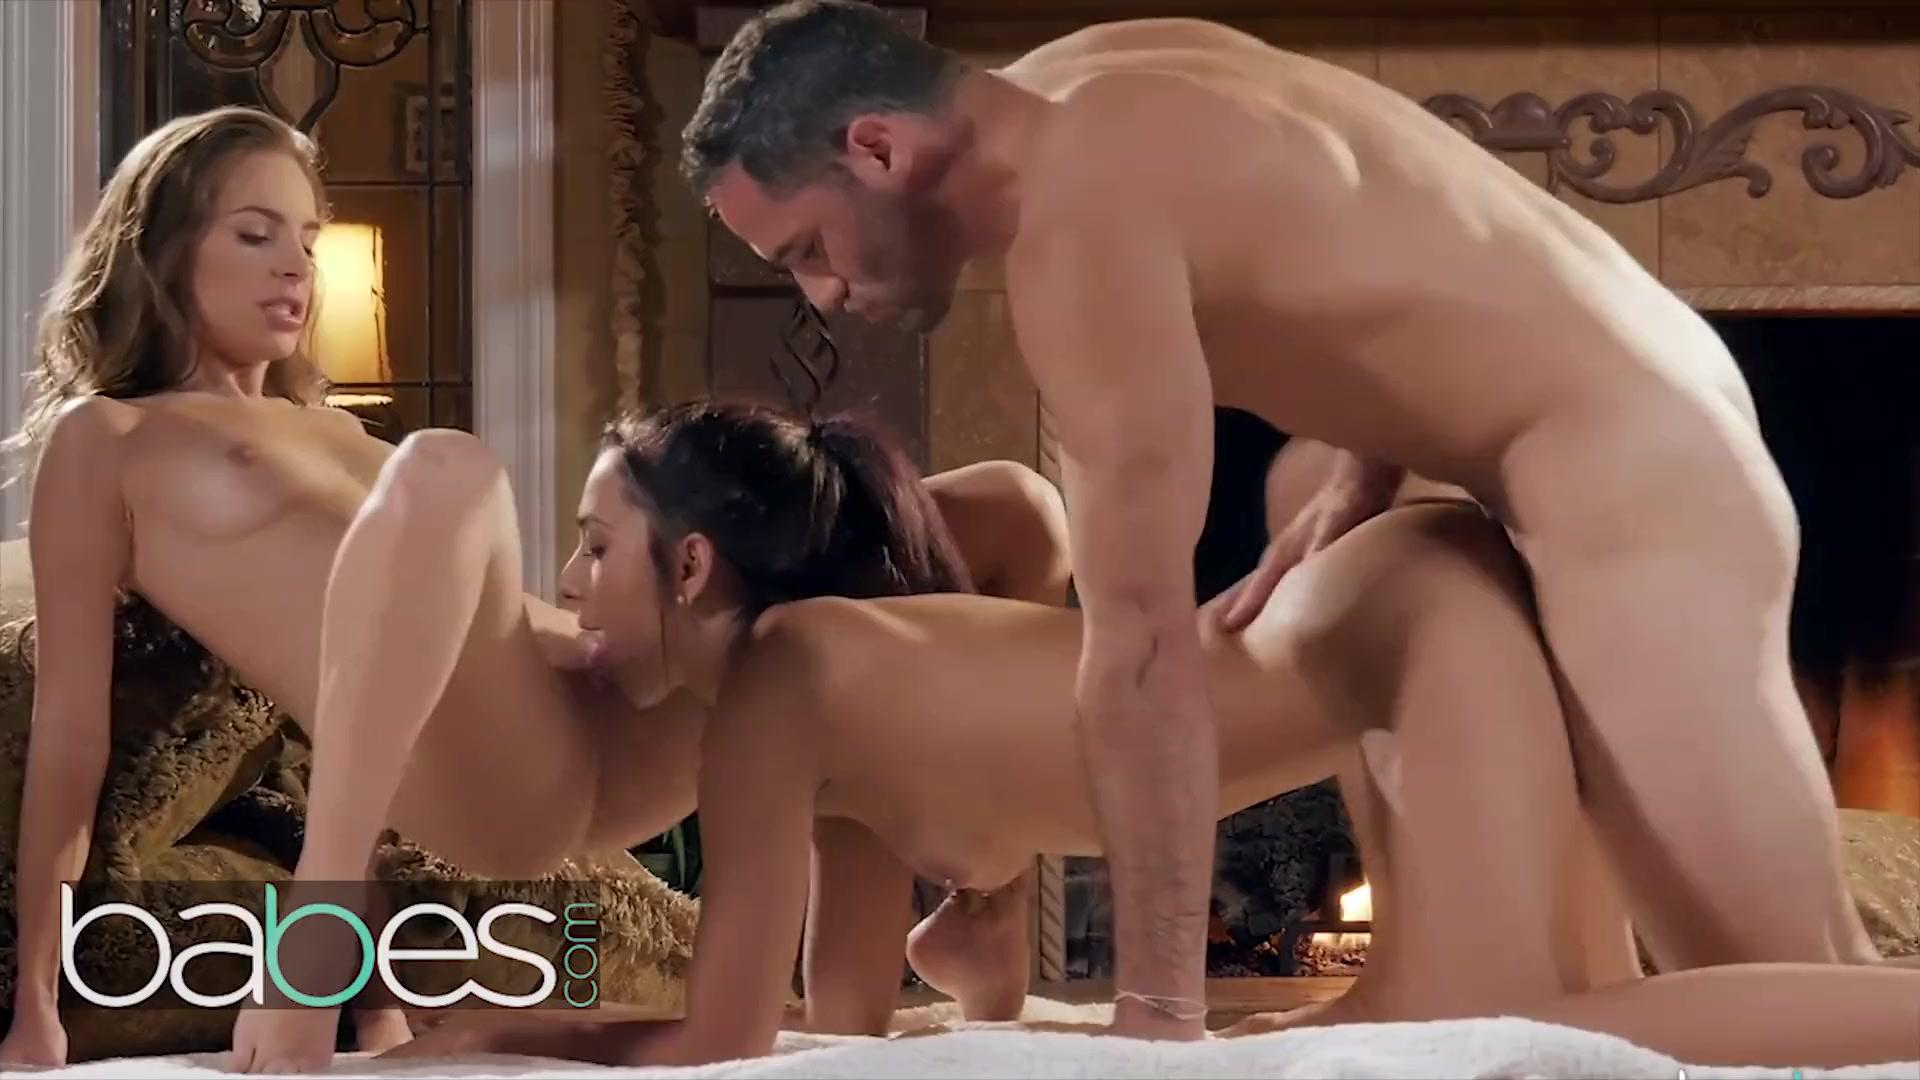 Porno kostenlos herunterladen